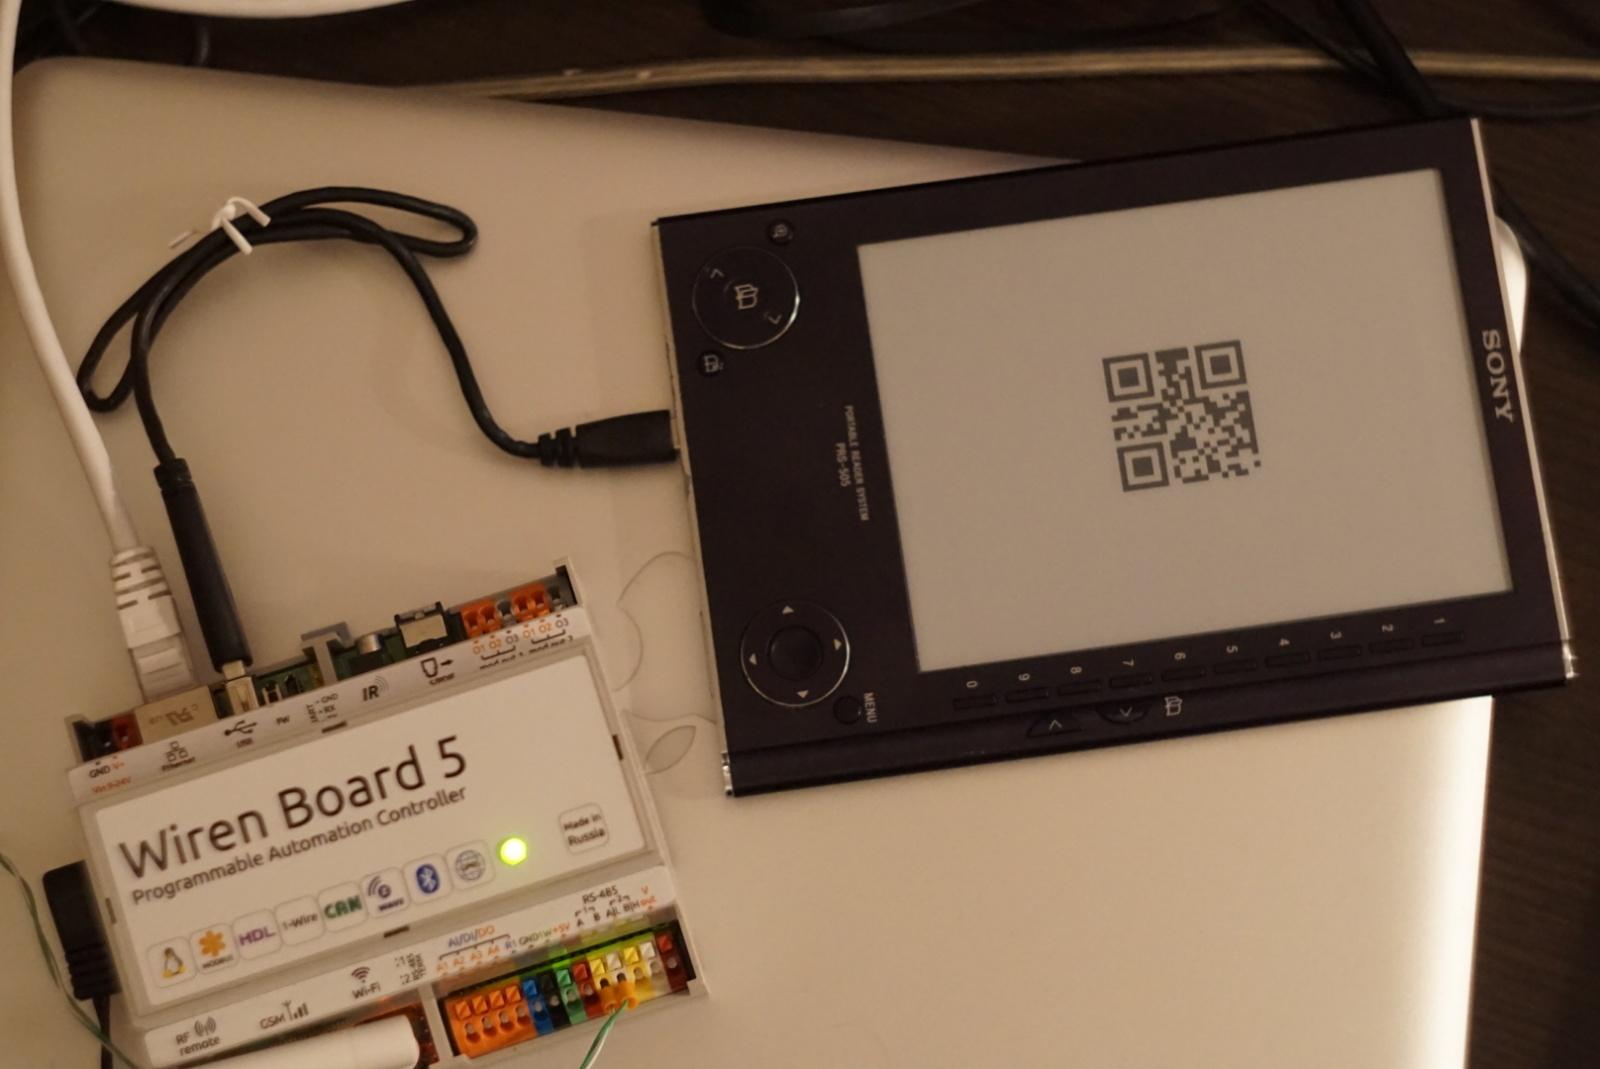 Электронные чернила для Wirenboard 5 или рисуем штрихкоды на Go - 2